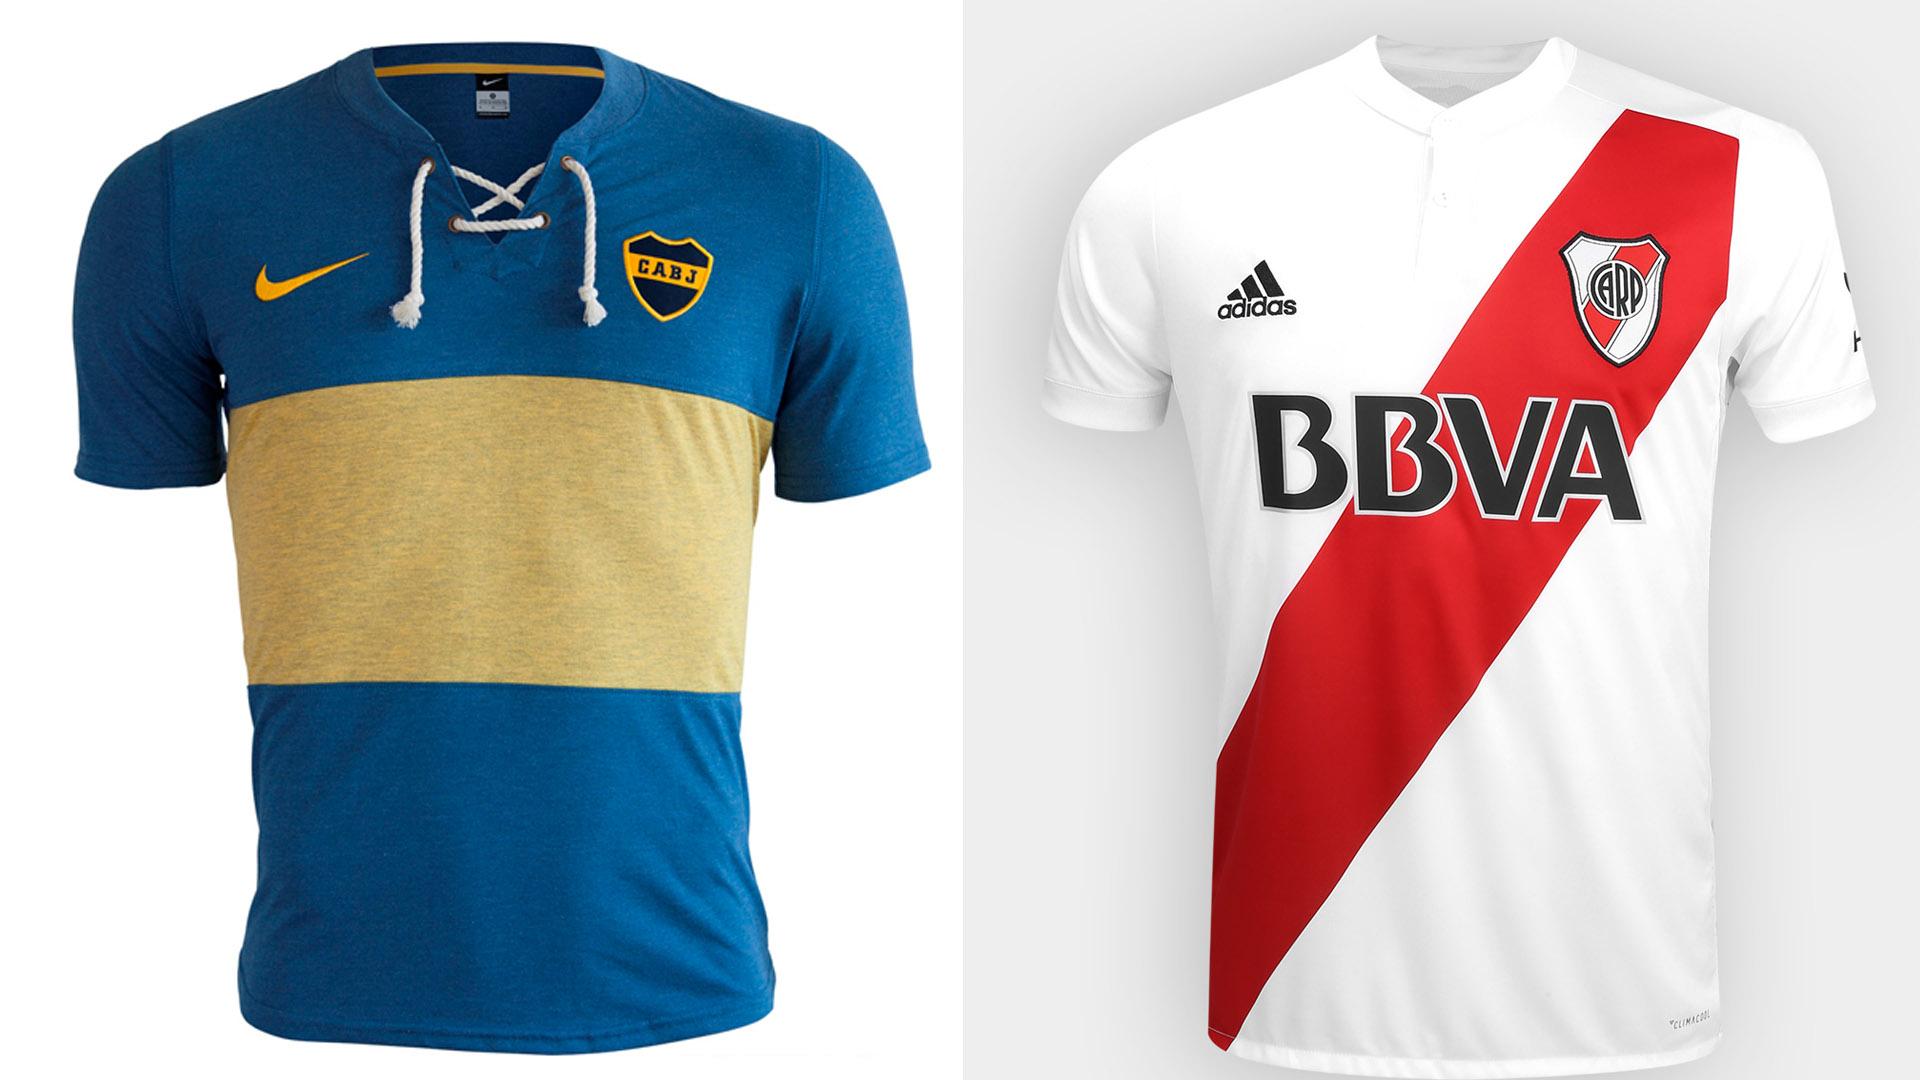 Boutique en ligne 42932 fe8d0 Camisetas retro: cómo el fútbol revive la moda del pasado ...